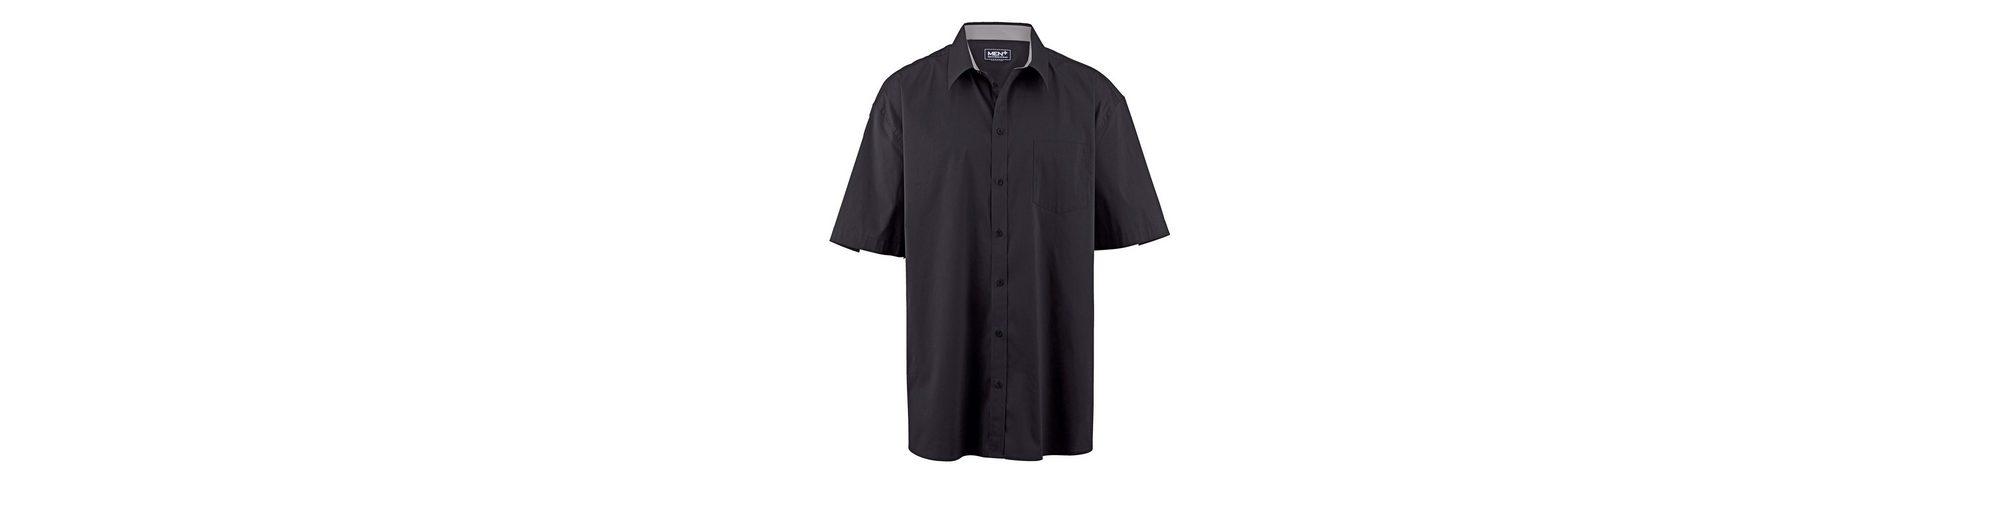 100% Authentisch Günstig Online Men Plus by Happy Size Spezial-Bauchschnitt Hemd Günstig Kaufen Großen Rabatt Dg2Z9Y